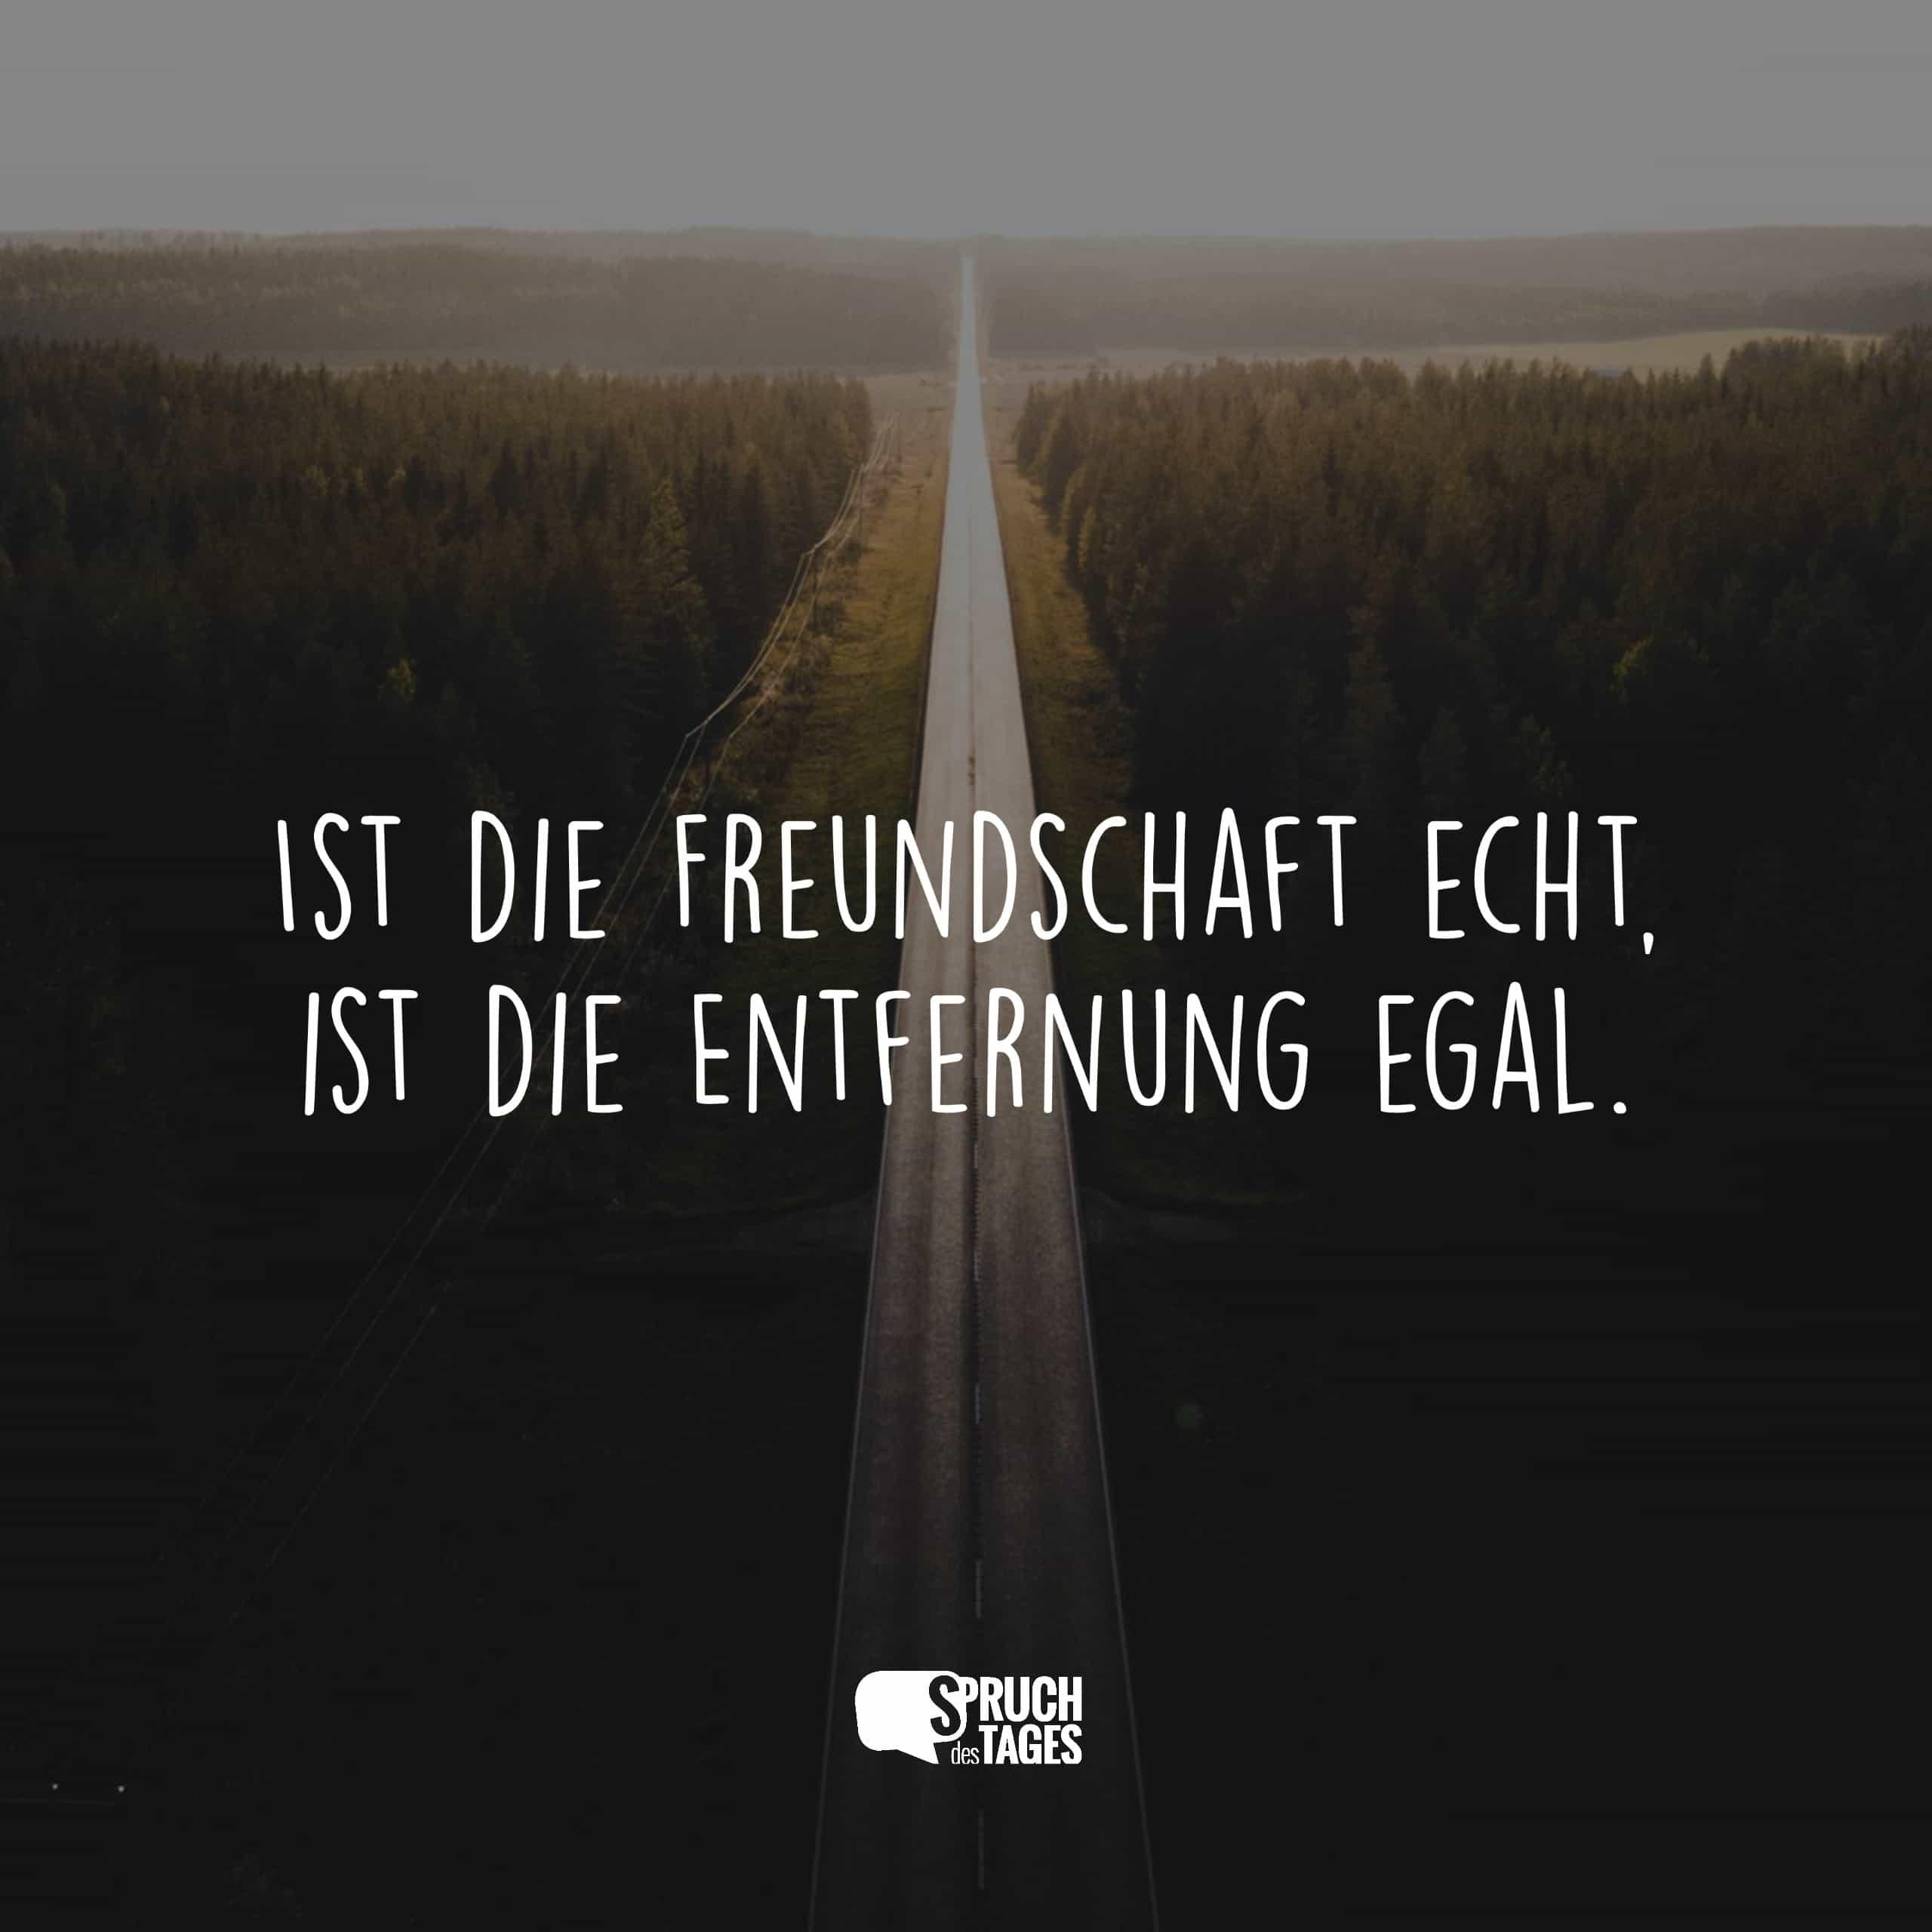 Über und sprüche distanz freundschaft Freundschaft Zitate